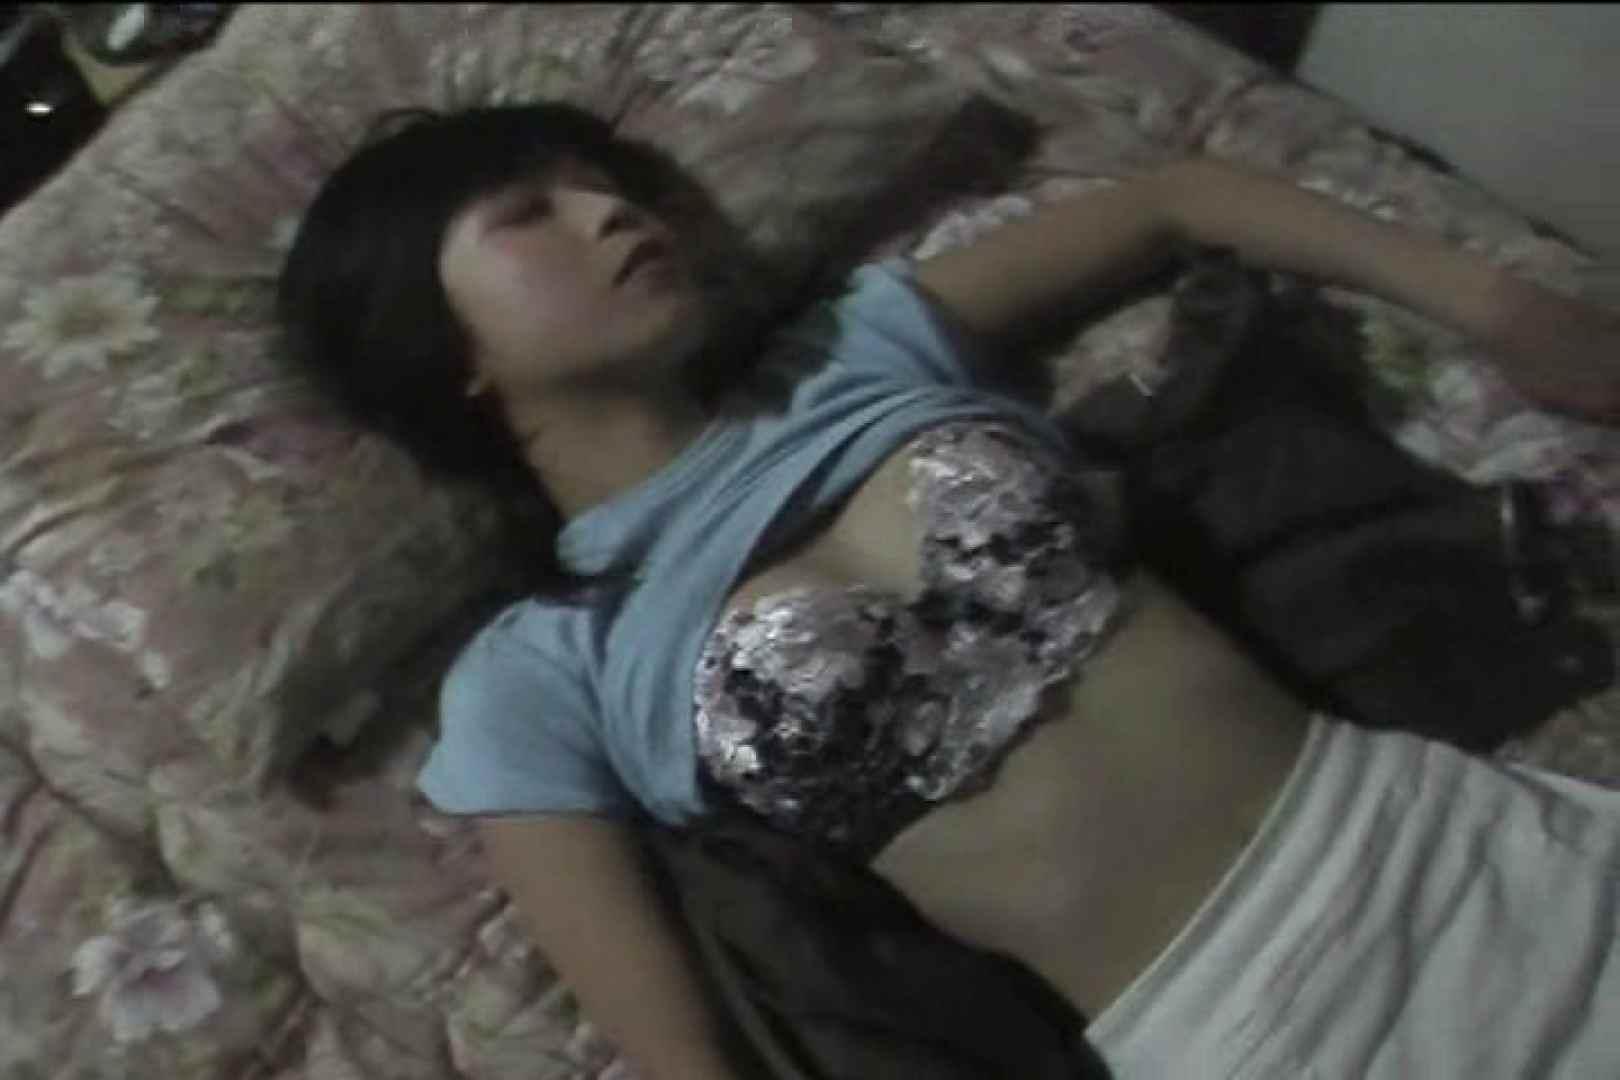 れる泥酔女7 美女丸裸  76pic 4